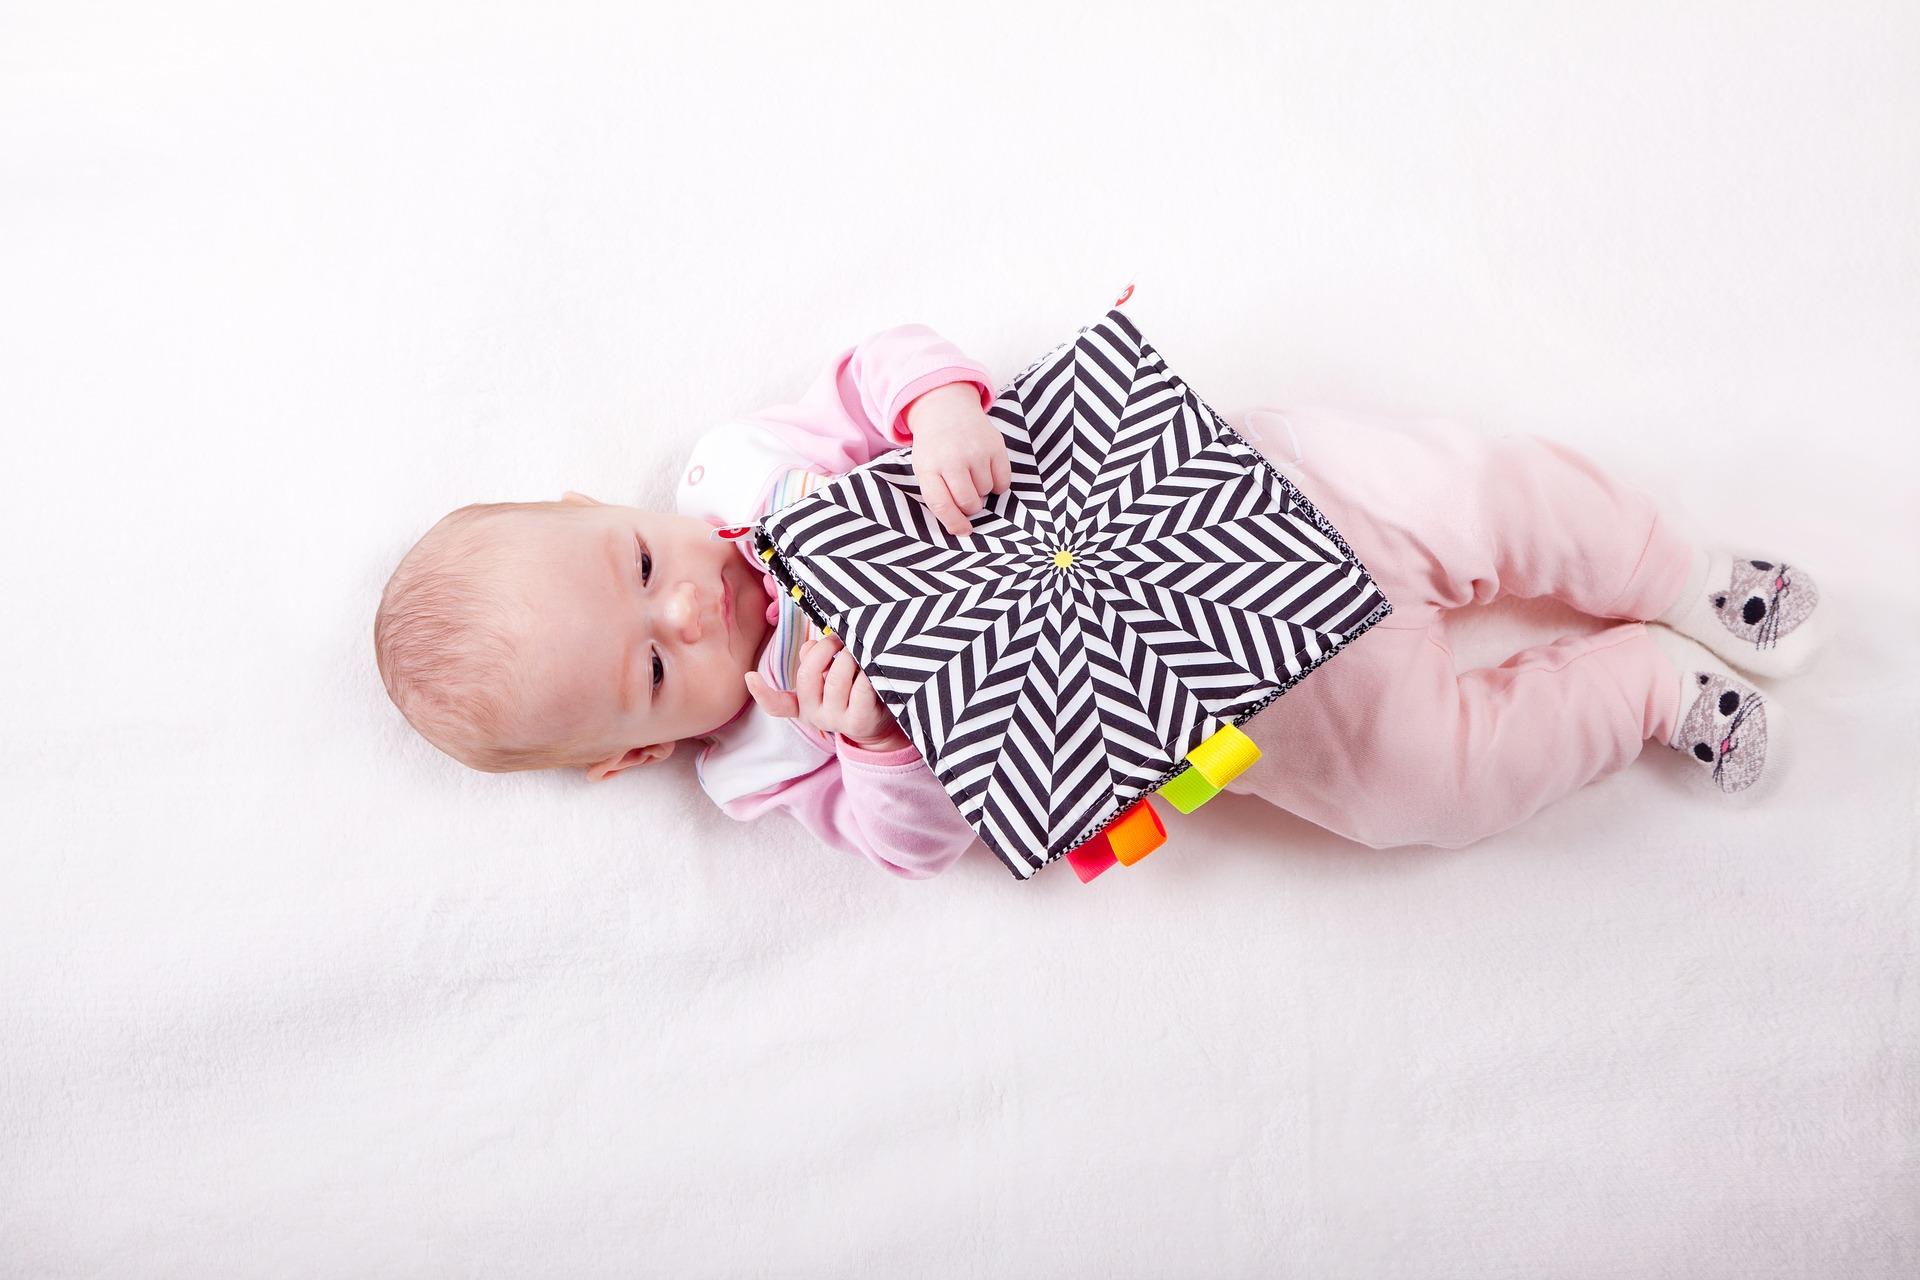 the-little-girl-3045364_1920